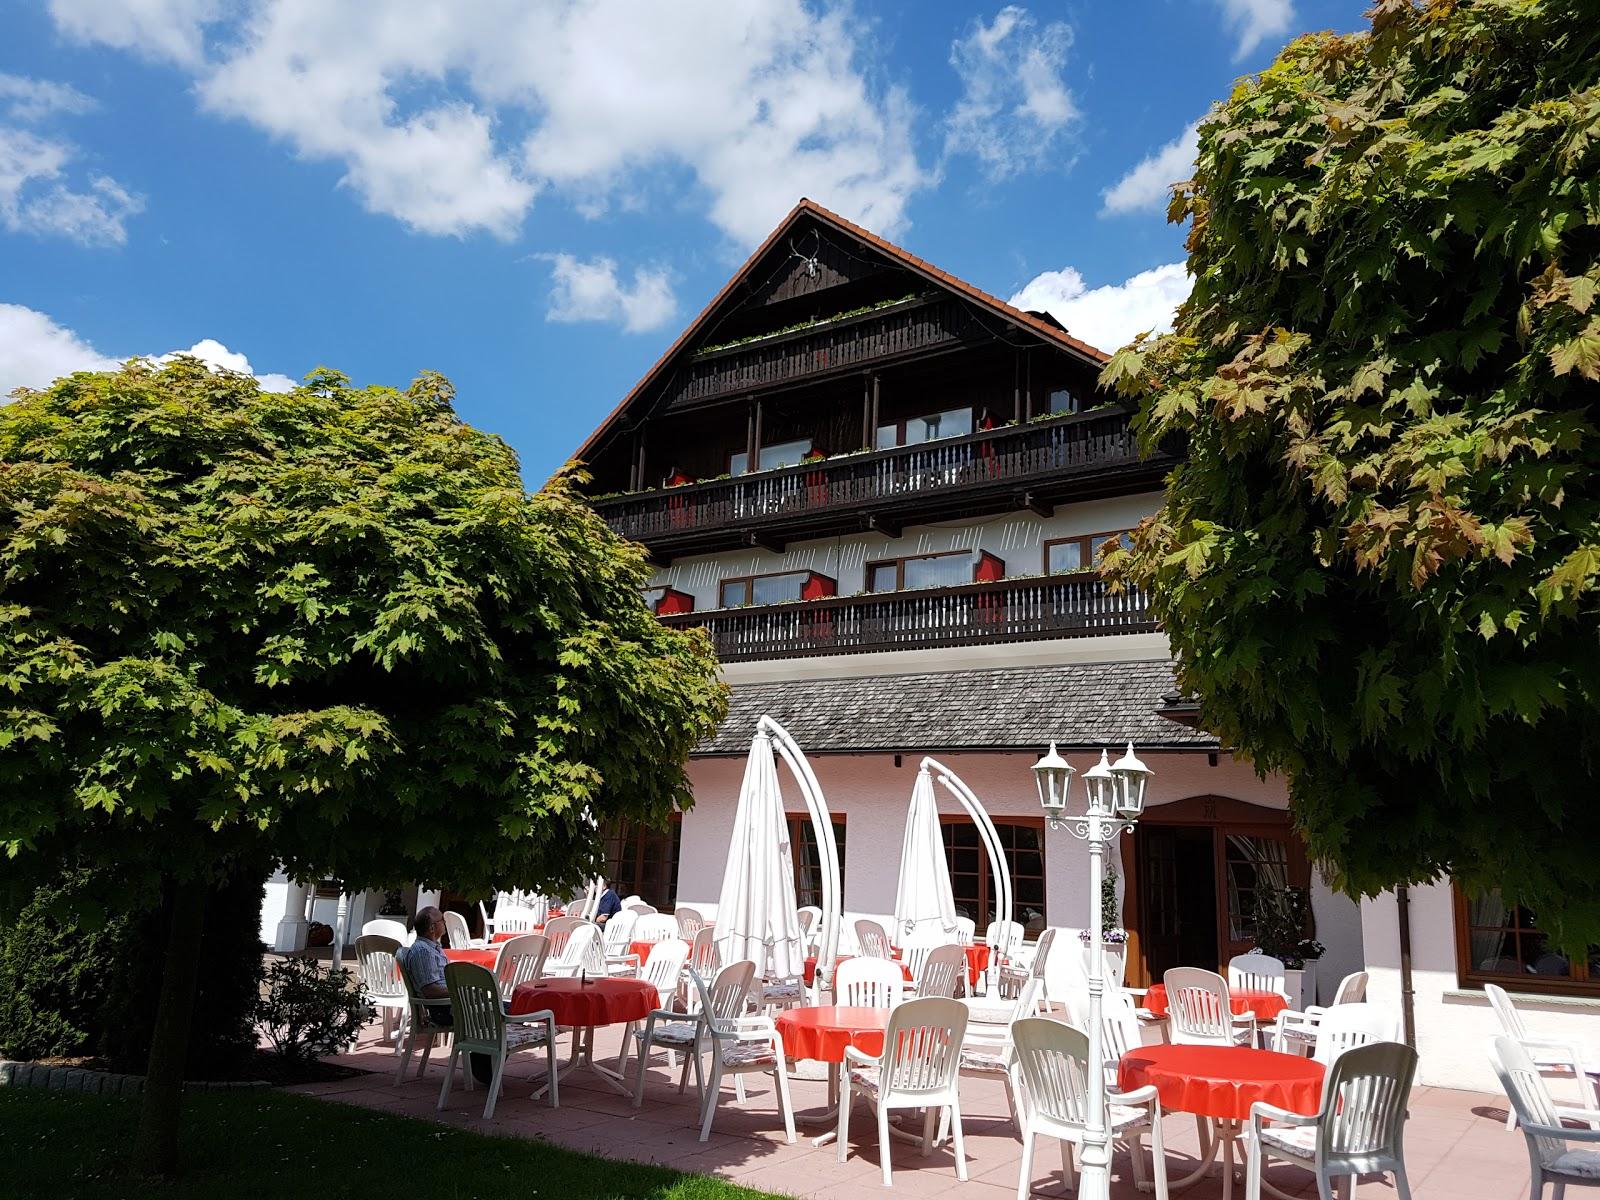 berggasthof oerlinghausen